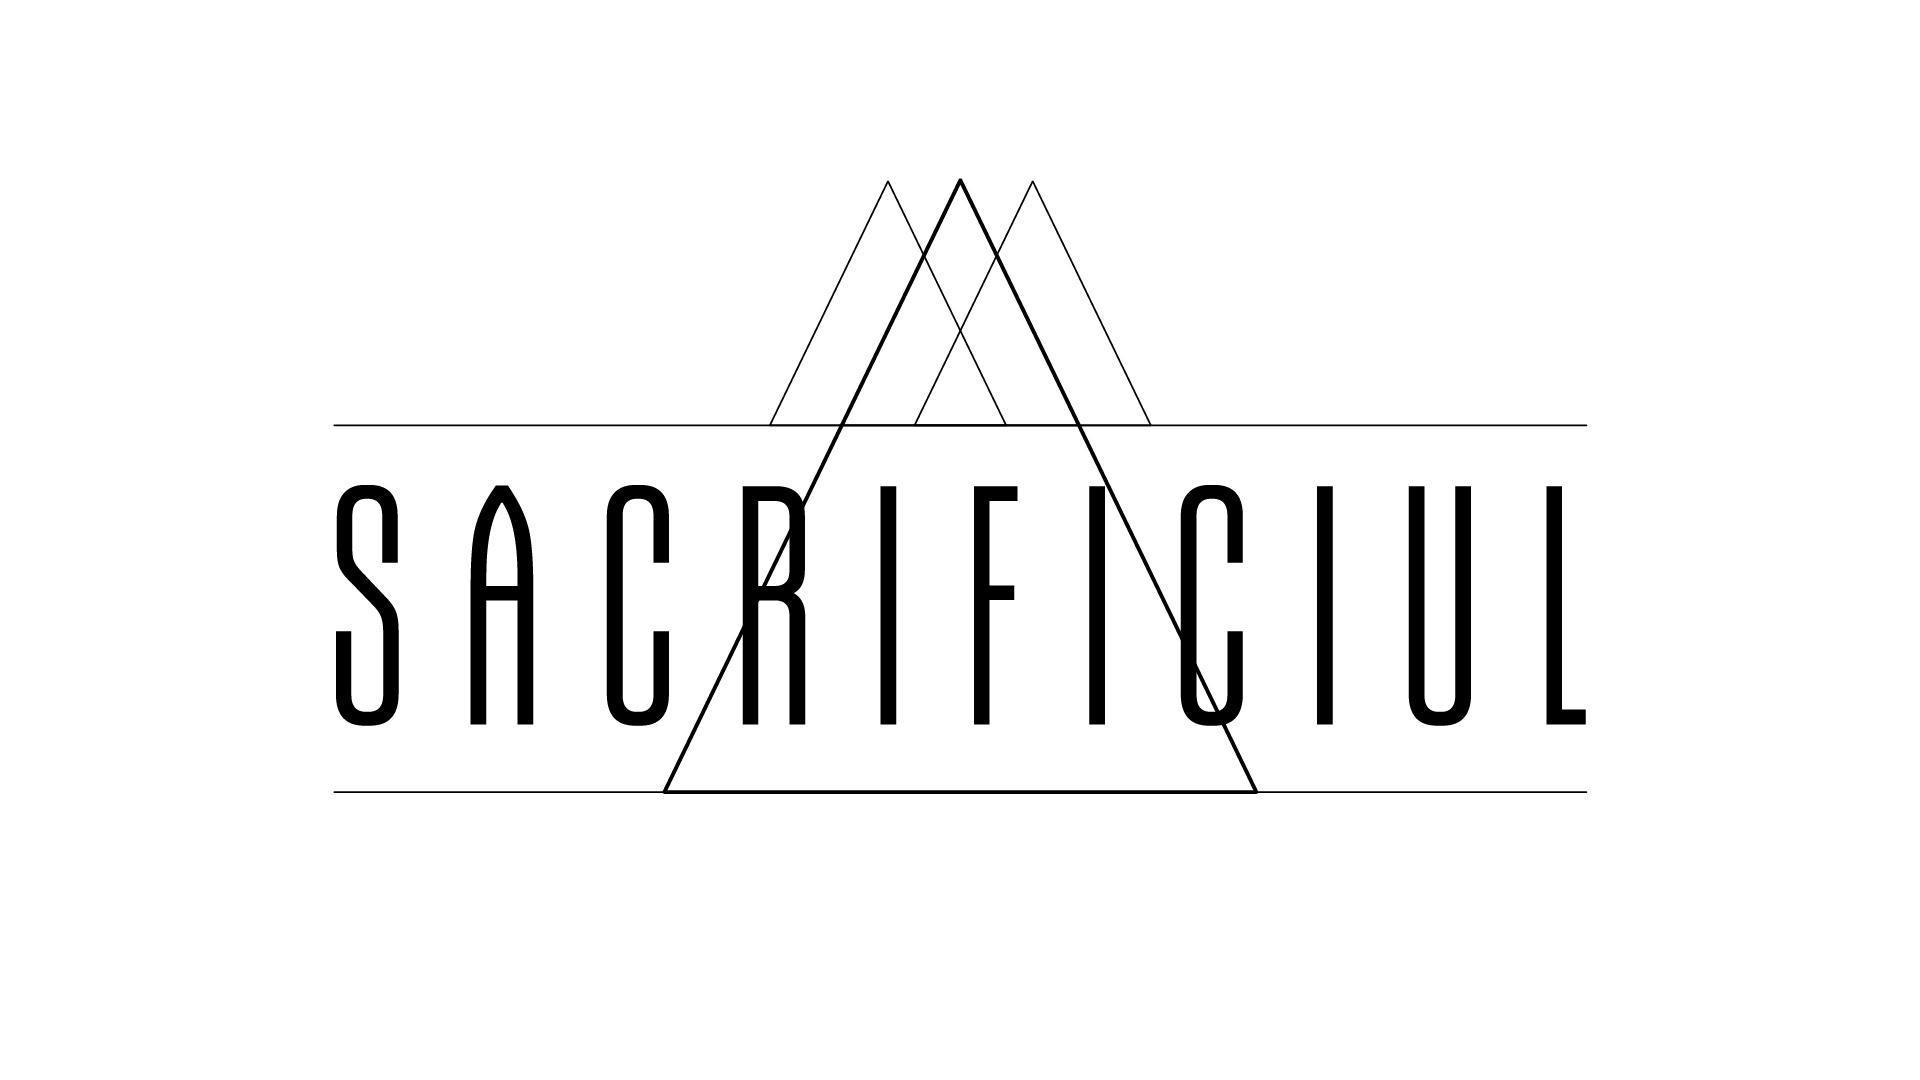 Sacrificiul, un nou serial produs de Ruxandra Ion, va începe în toamnă la Antena 1